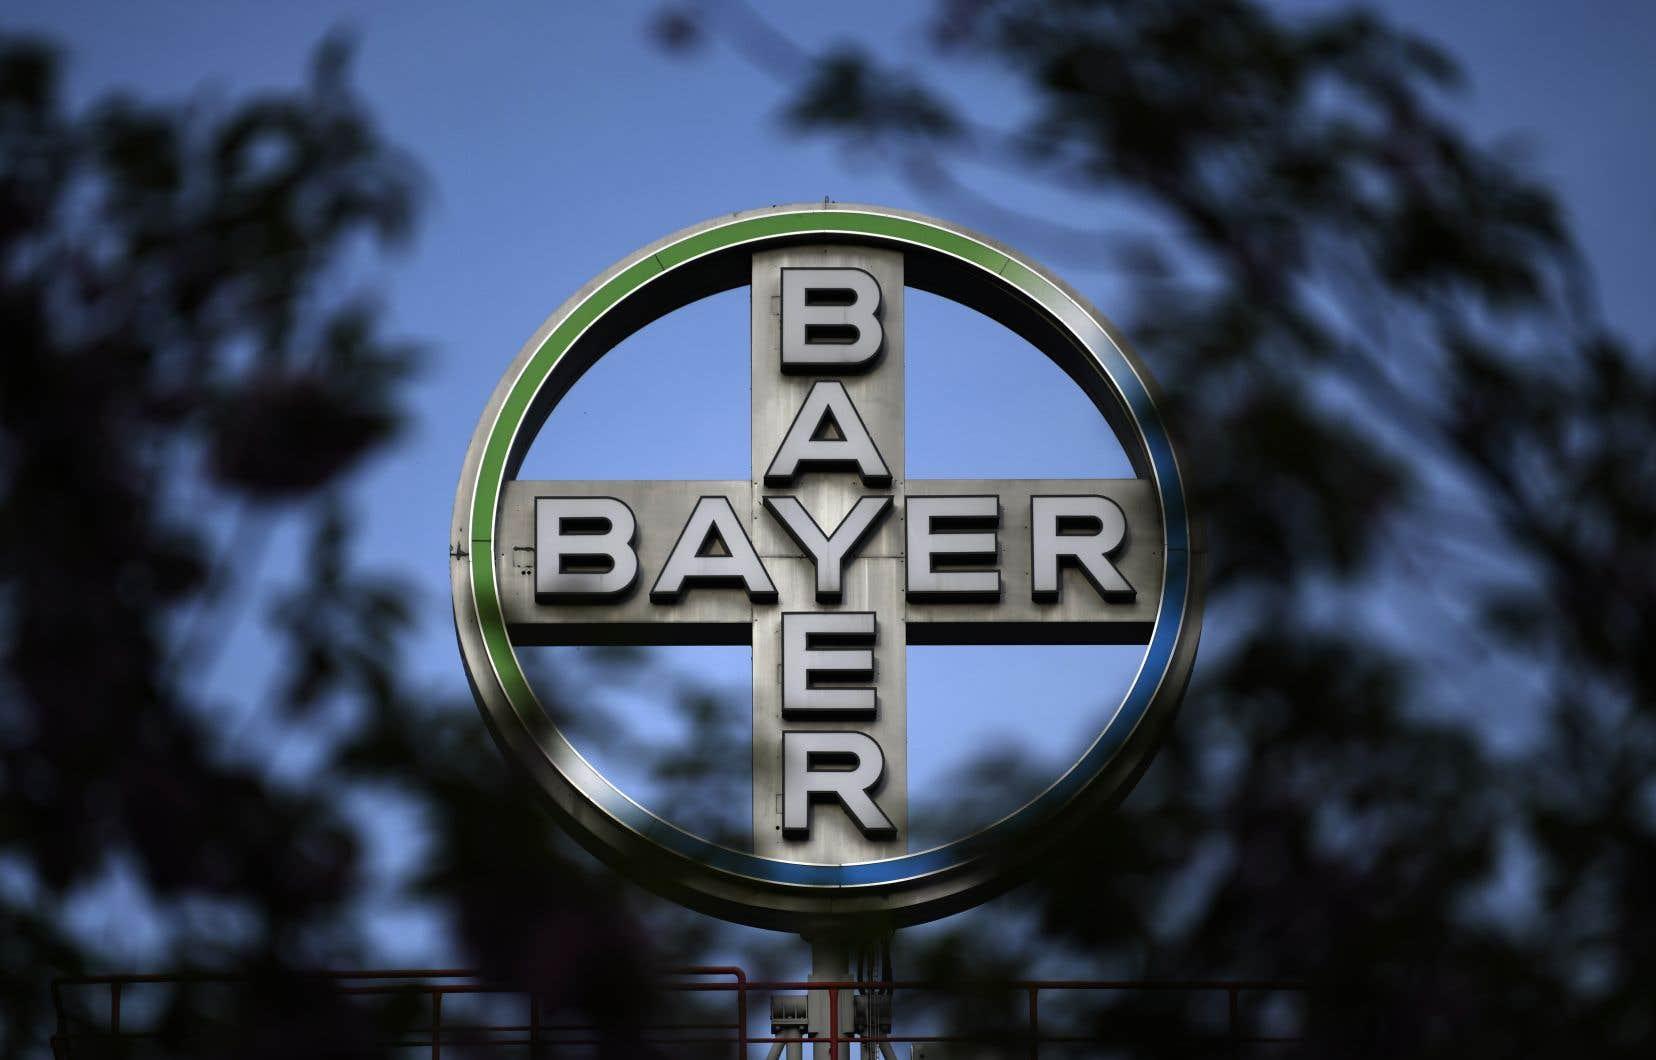 Bayer fait déjà face à d'autres recours collectifs intentés en Ontario et en Saskatchewan. La compagnie a aussi réglé à l'amiable plusieurs poursuites aux États-Unis.